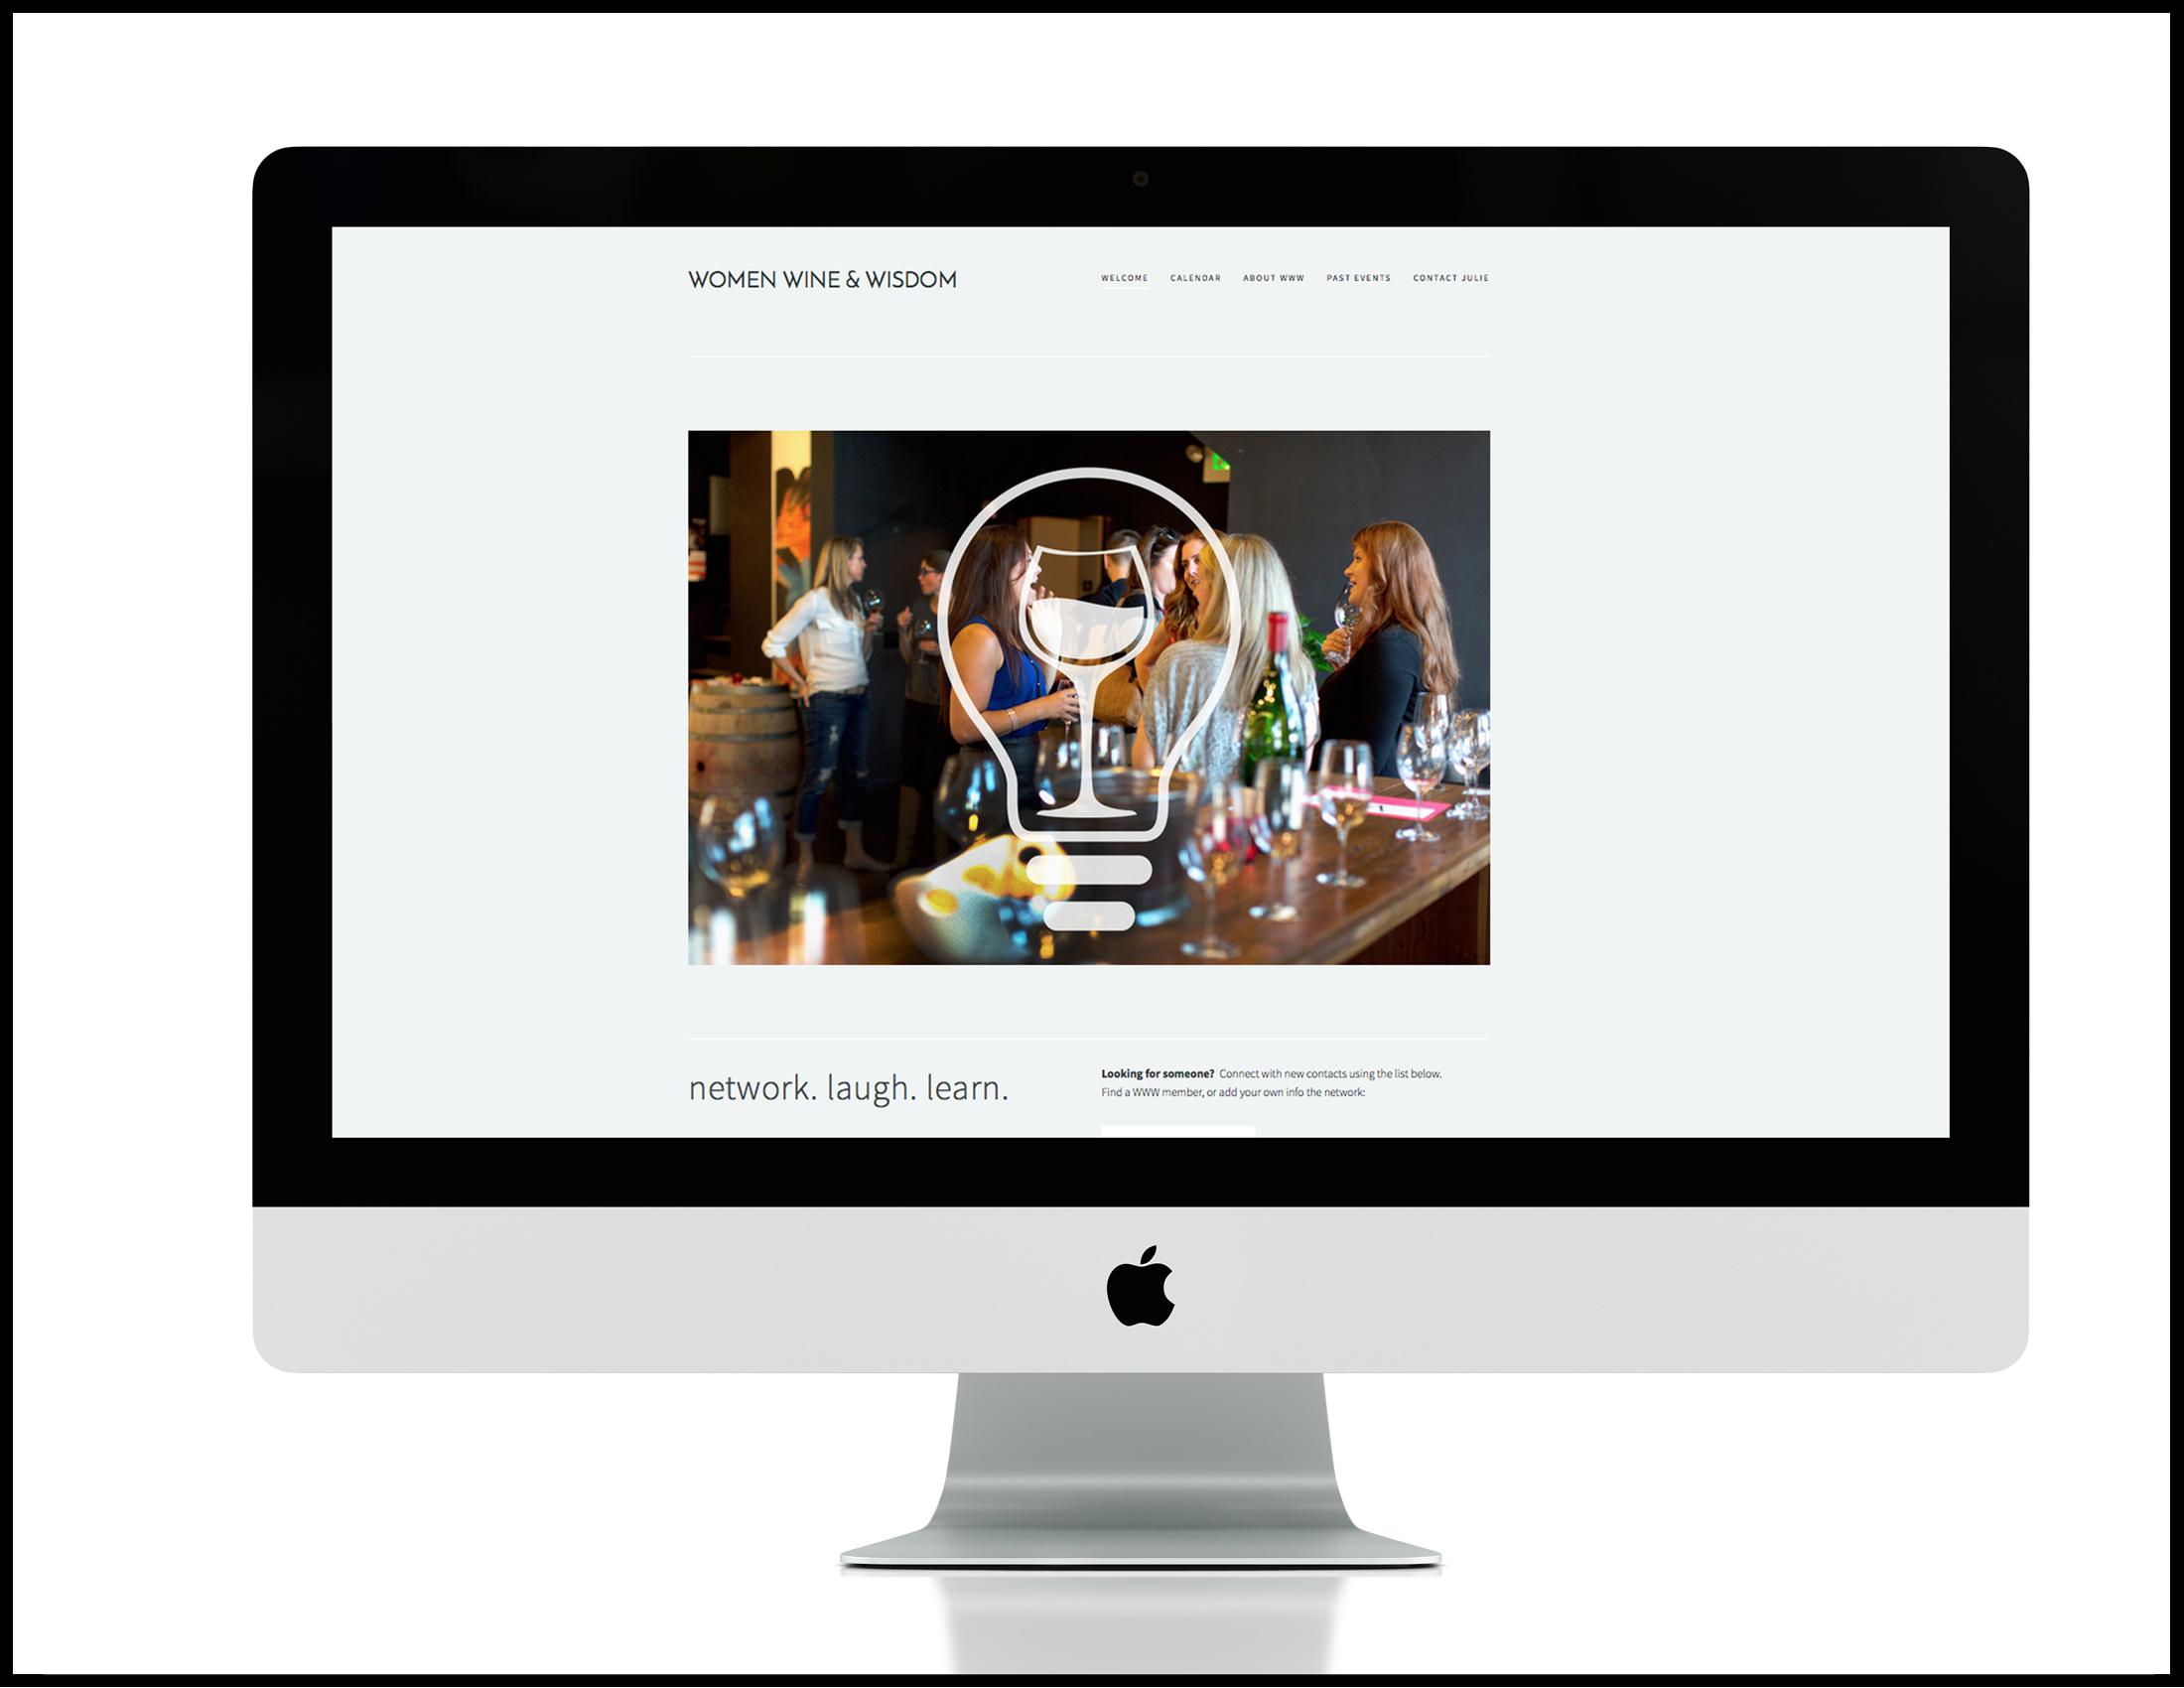 wwwwebsite.jpg